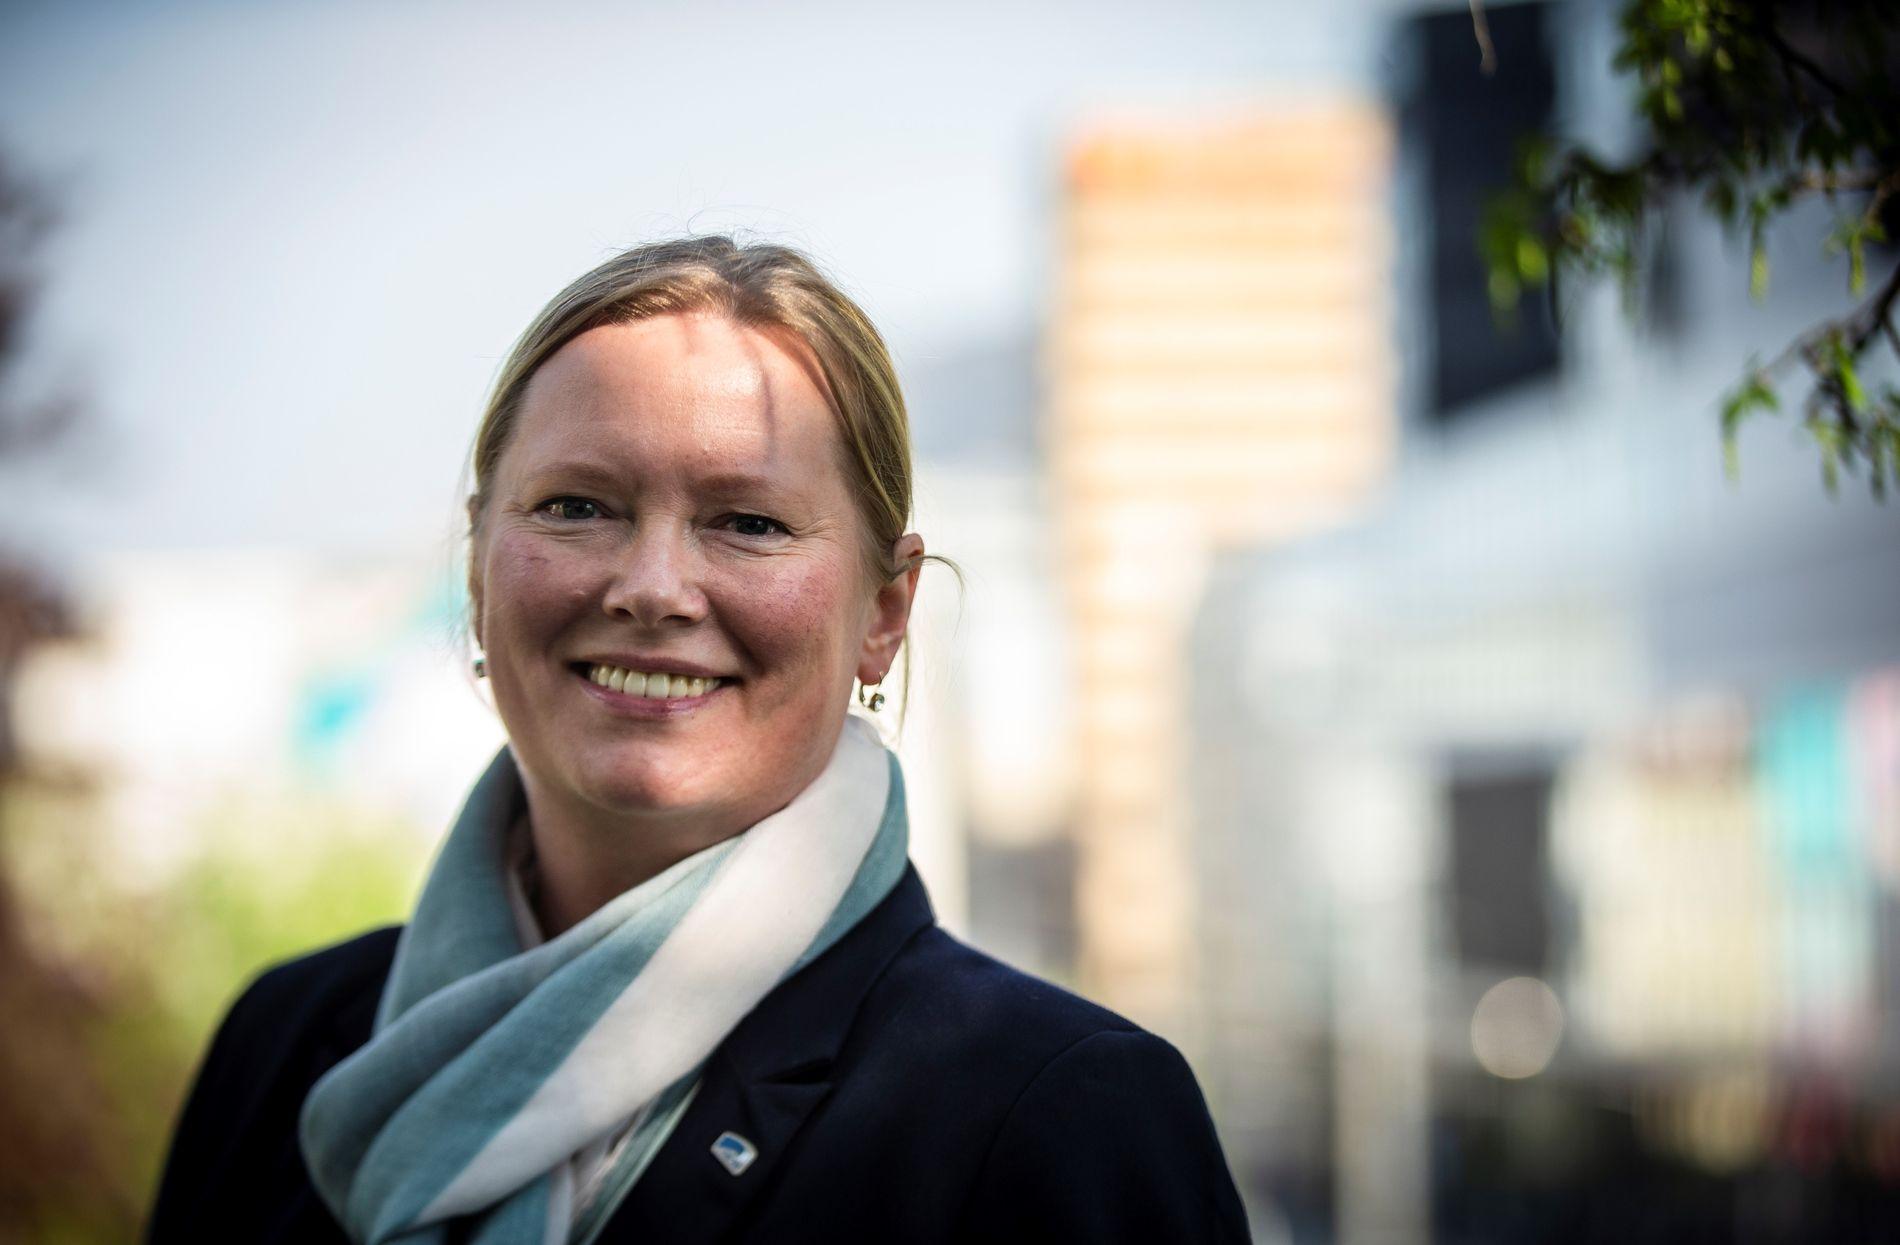 PRIORITERINGER: Høyre ønsker flere gode lærere, fremfor å bruke penger på havregrøt et par dager i uken, skriver Silja Ekeland Bjørkly (H).